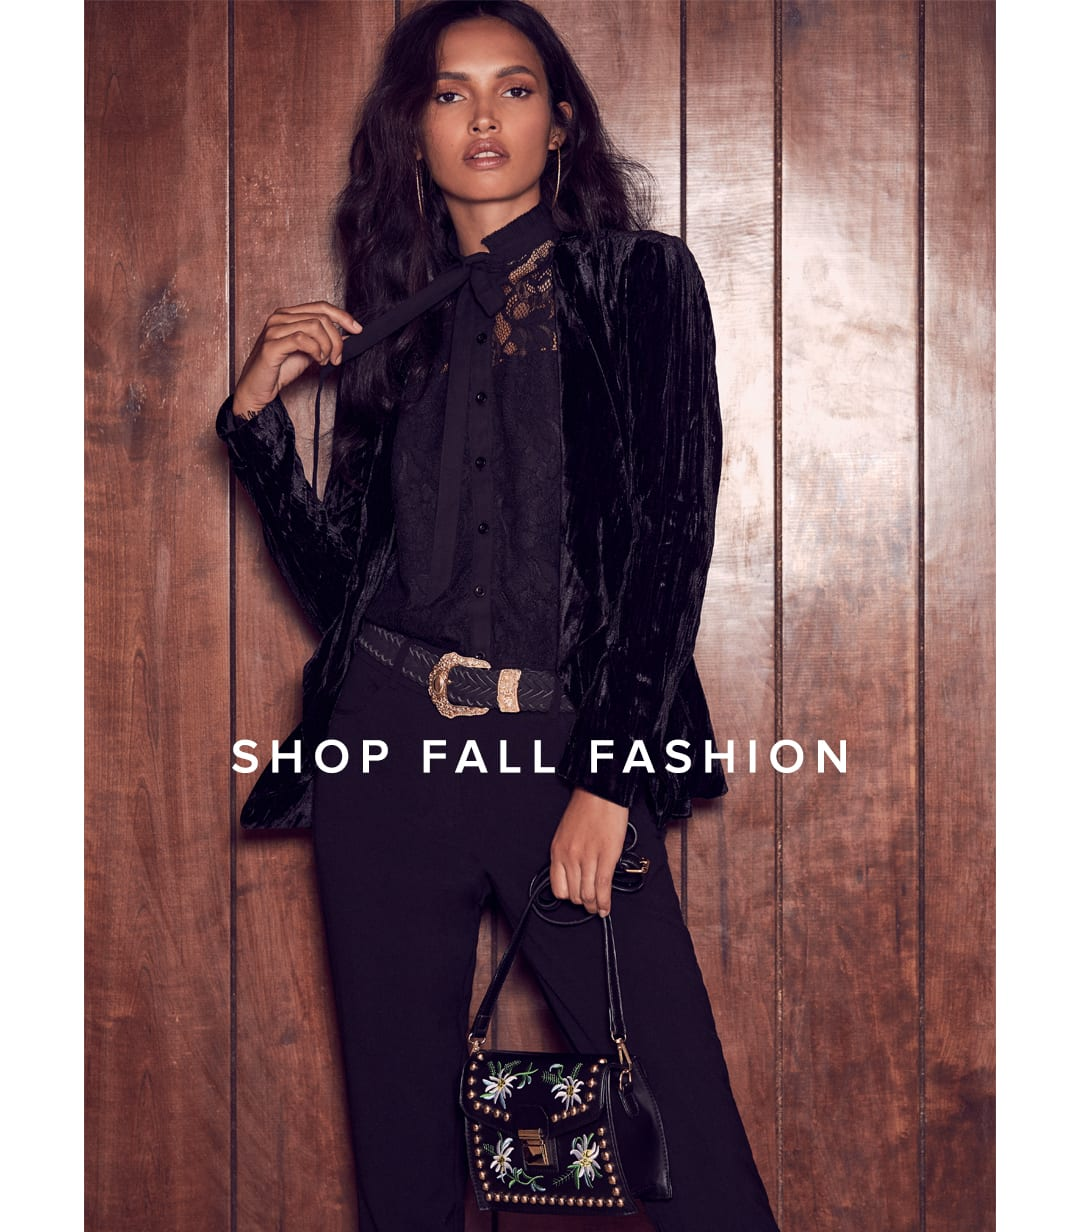 Shop Fall Fashion for Women.